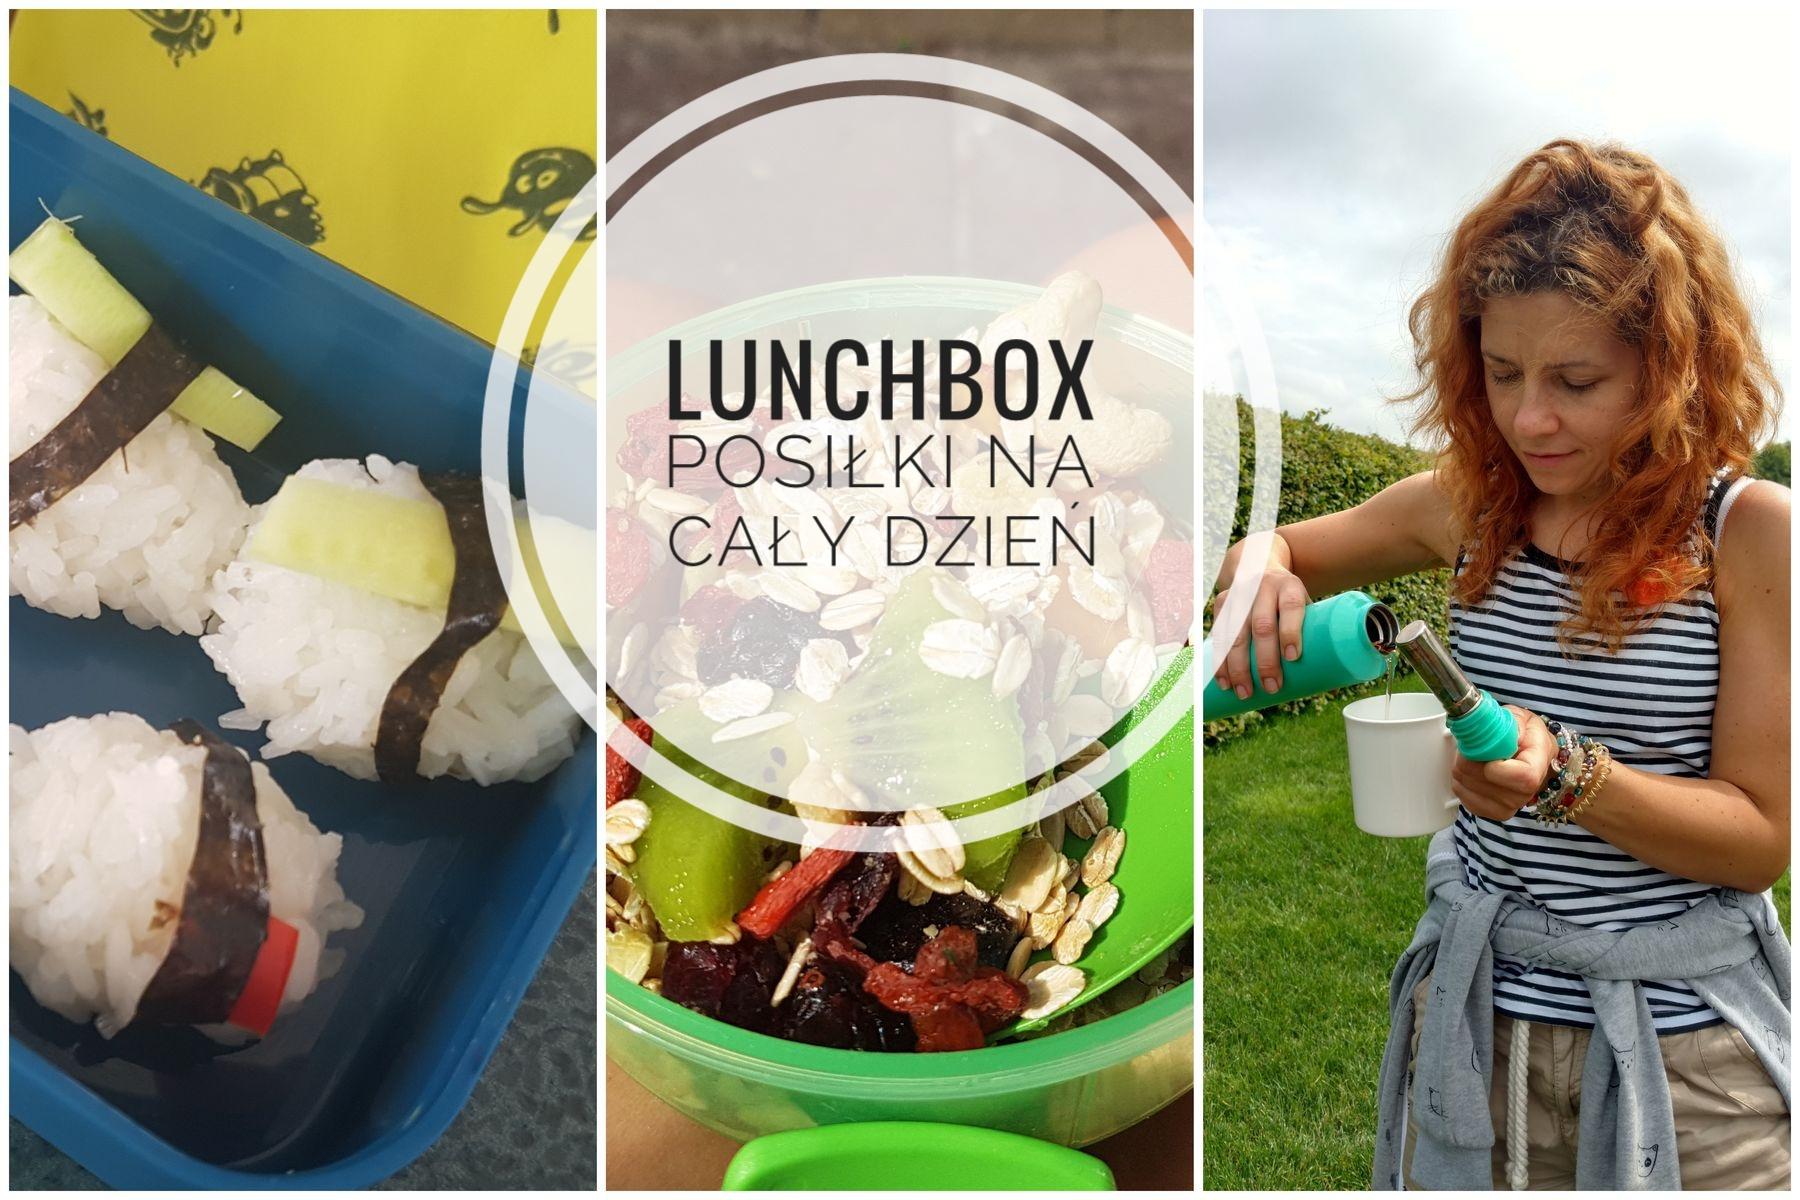 Lunchbox posiłki na cały dzień